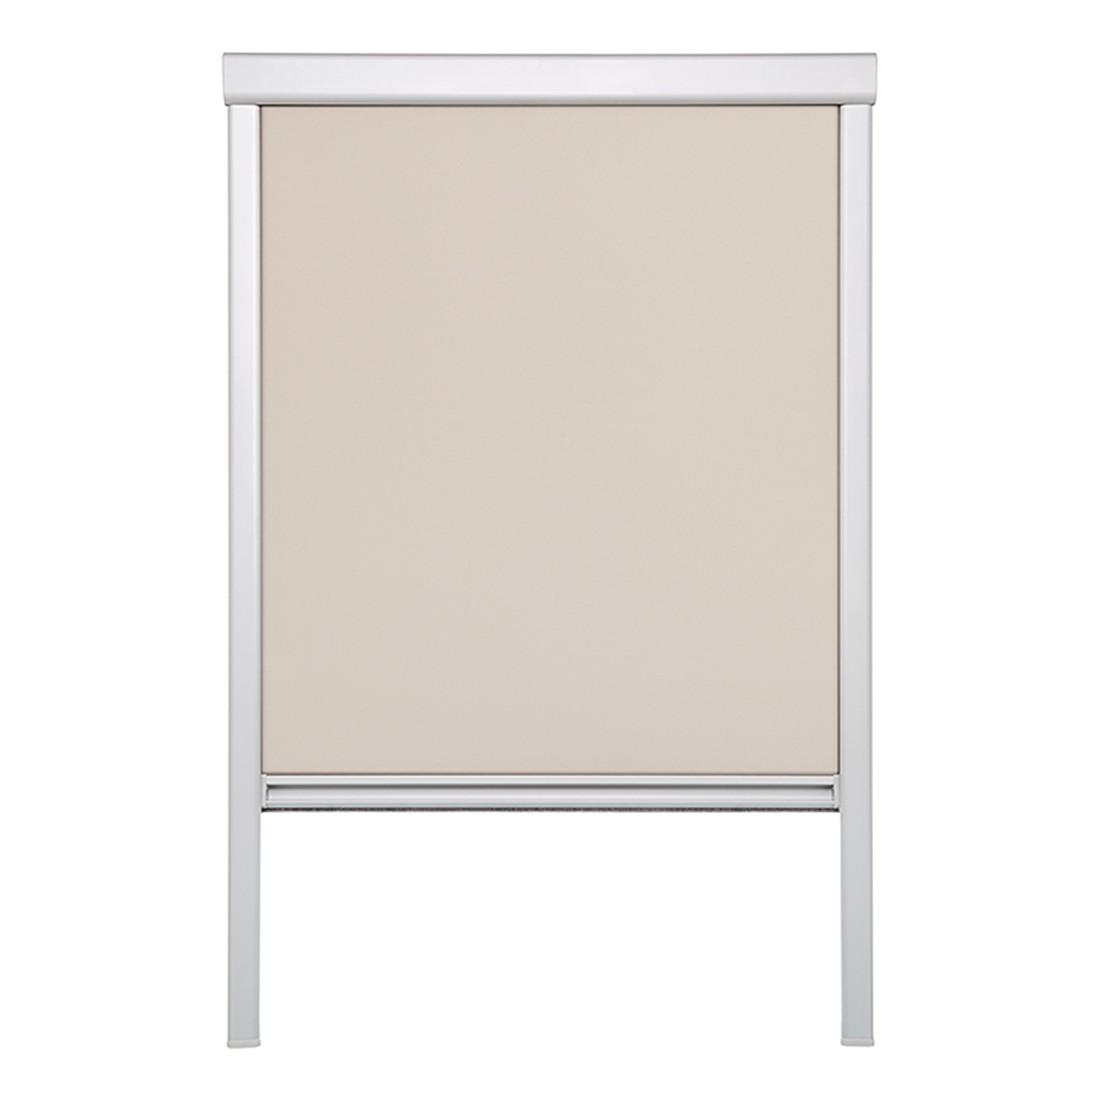 Dachfensterrollo, verdunkelnd – Polyester, Aluminium, Creme – (H x B): 94 x 49,3 cm, Wohn-Guide online kaufen